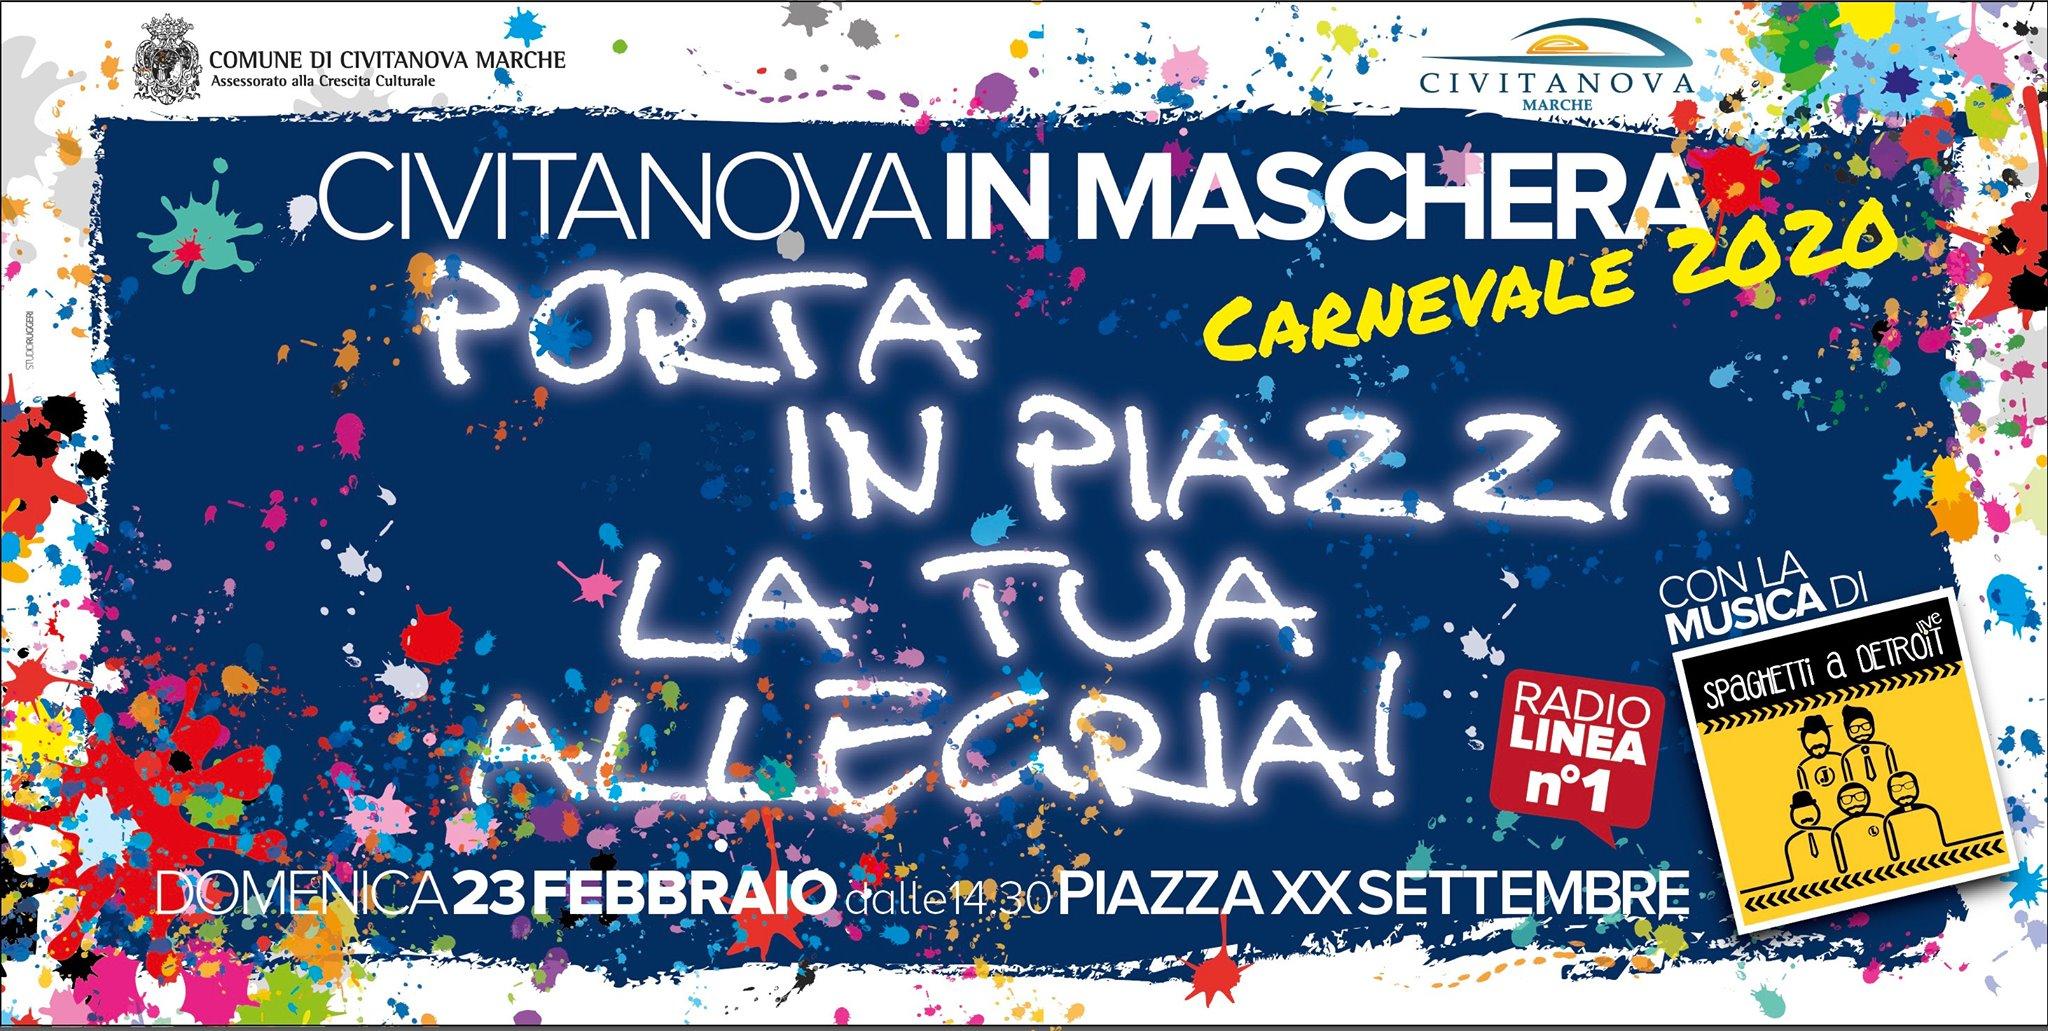 Civitanova in Maschera, ritmo e divertimento per il Carnevale